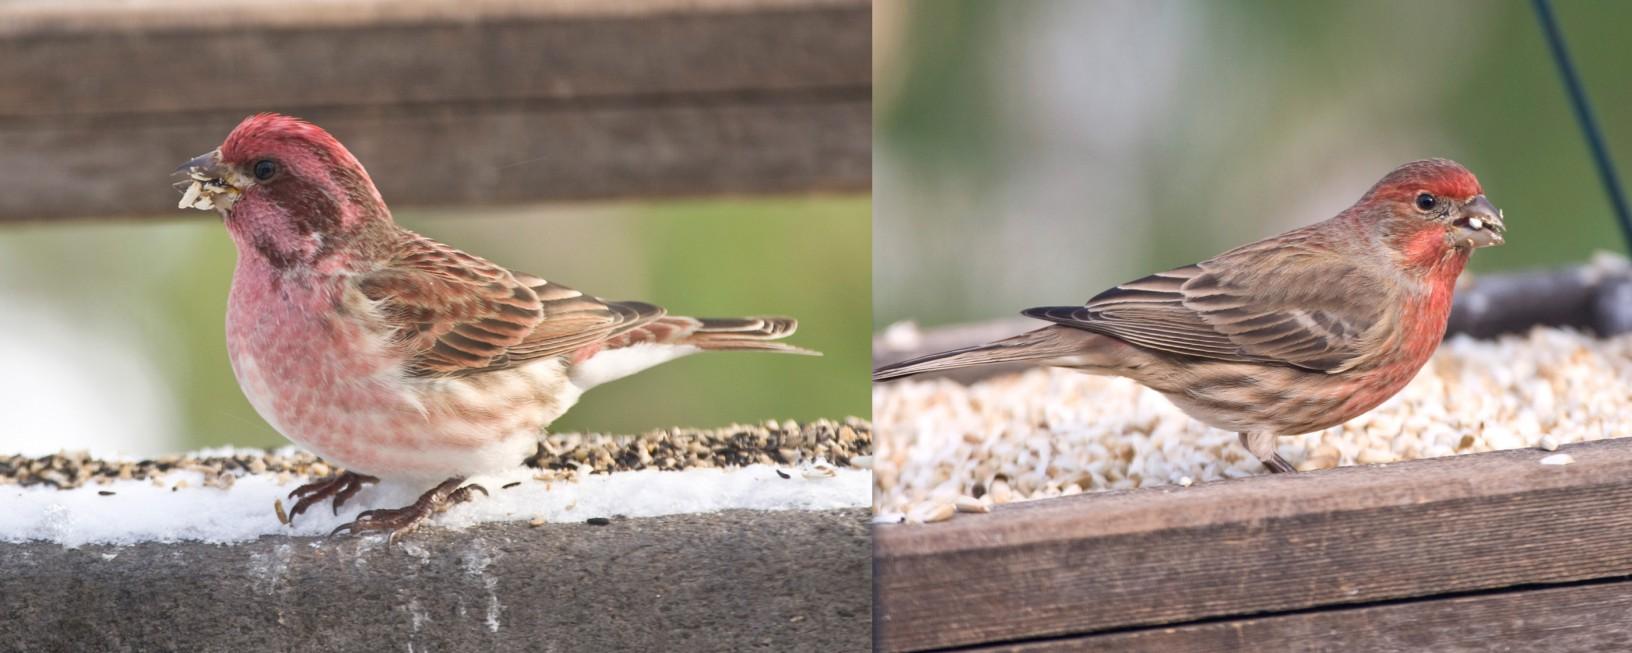 left- male Purple Finch, right- male House Finch